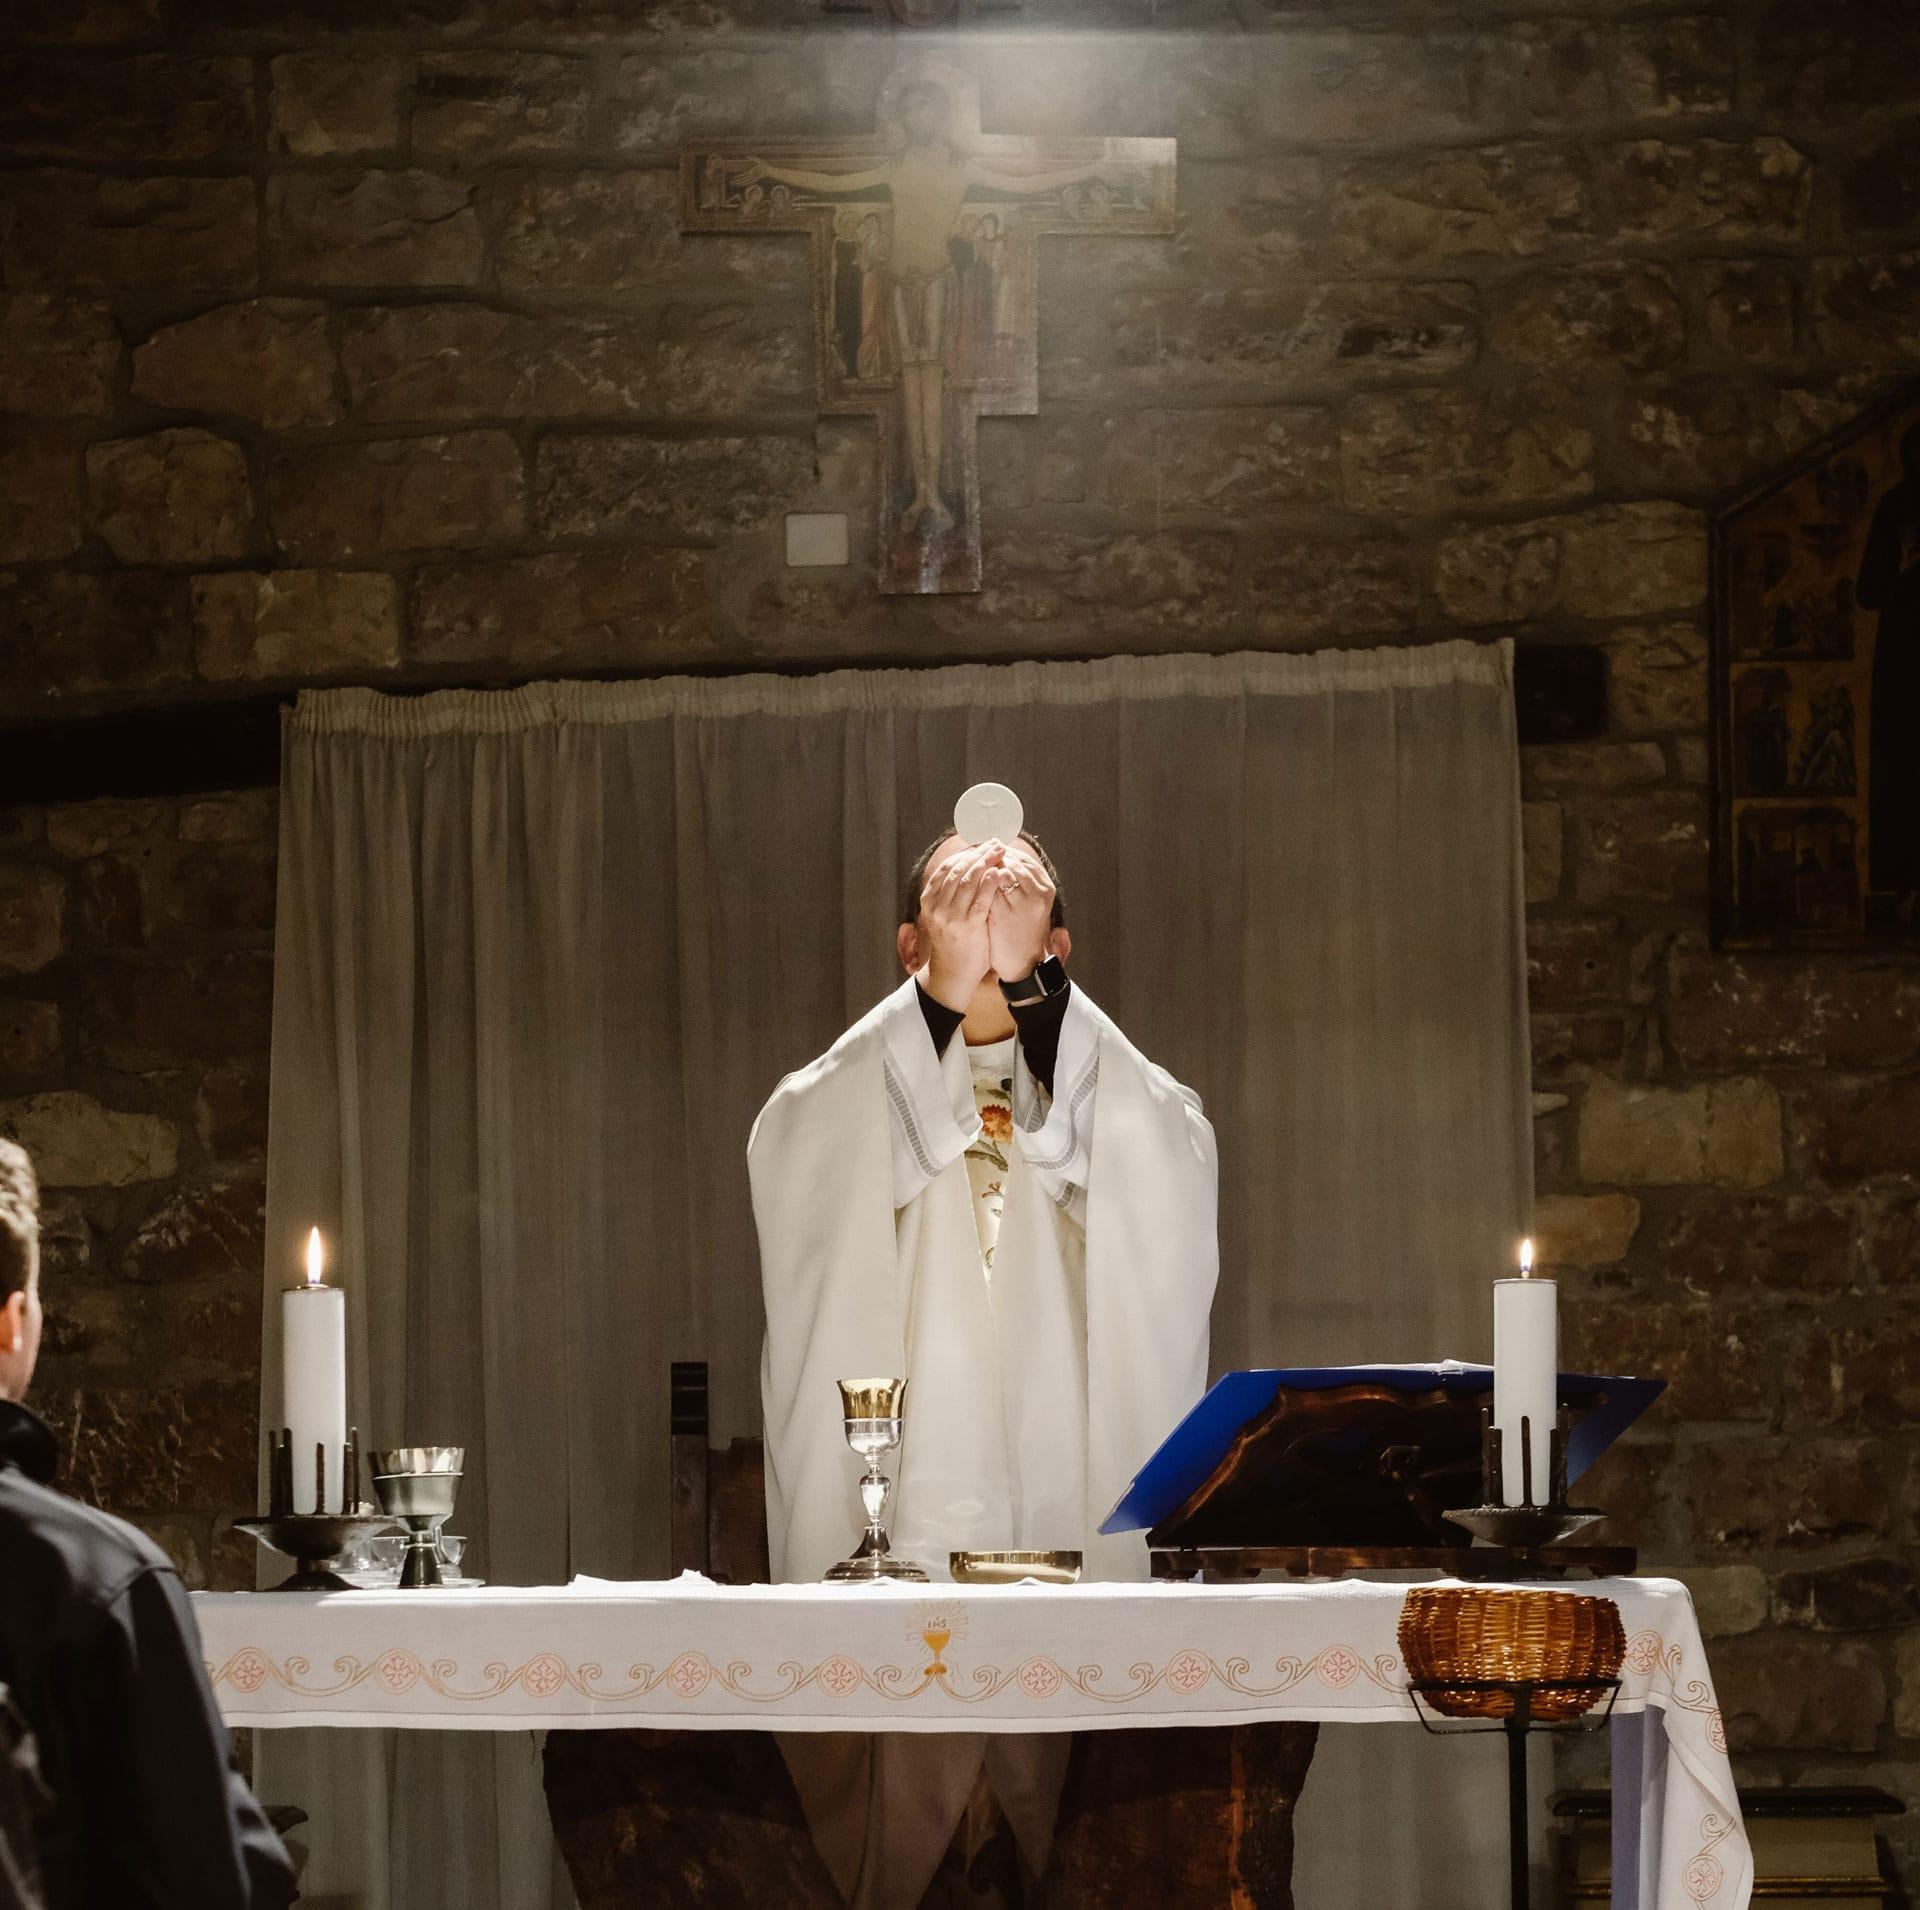 Czytania na dziś - Liturgia Słowa z dnia dzisiejszego